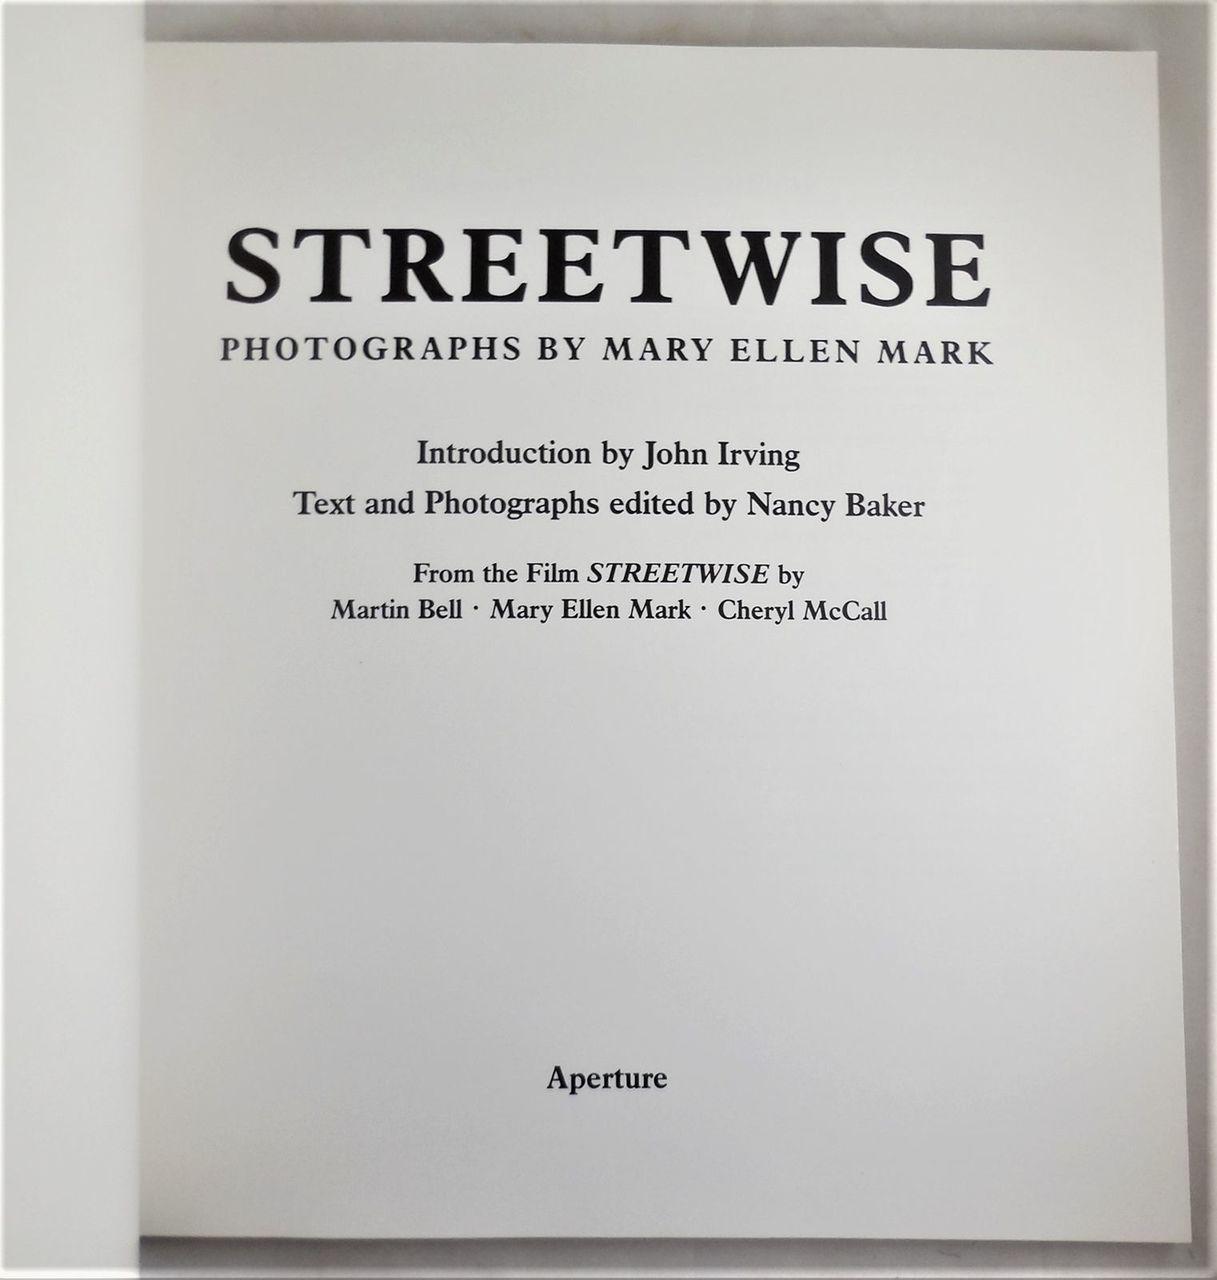 STREETWISE, by Mary Ellen Mark - 1988